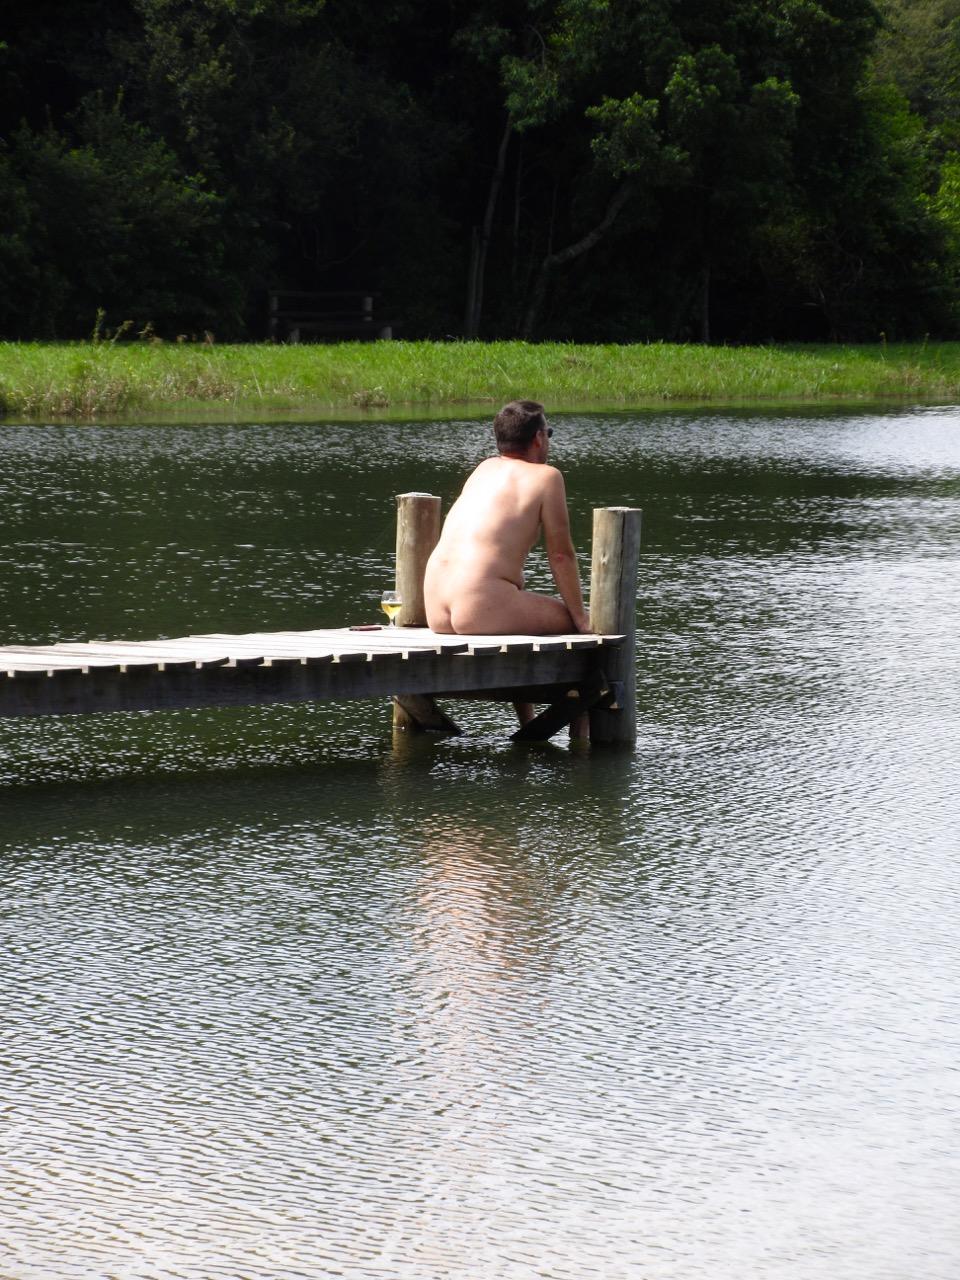 Naturist Freedom Family At Farm Nudist Nudism Movie